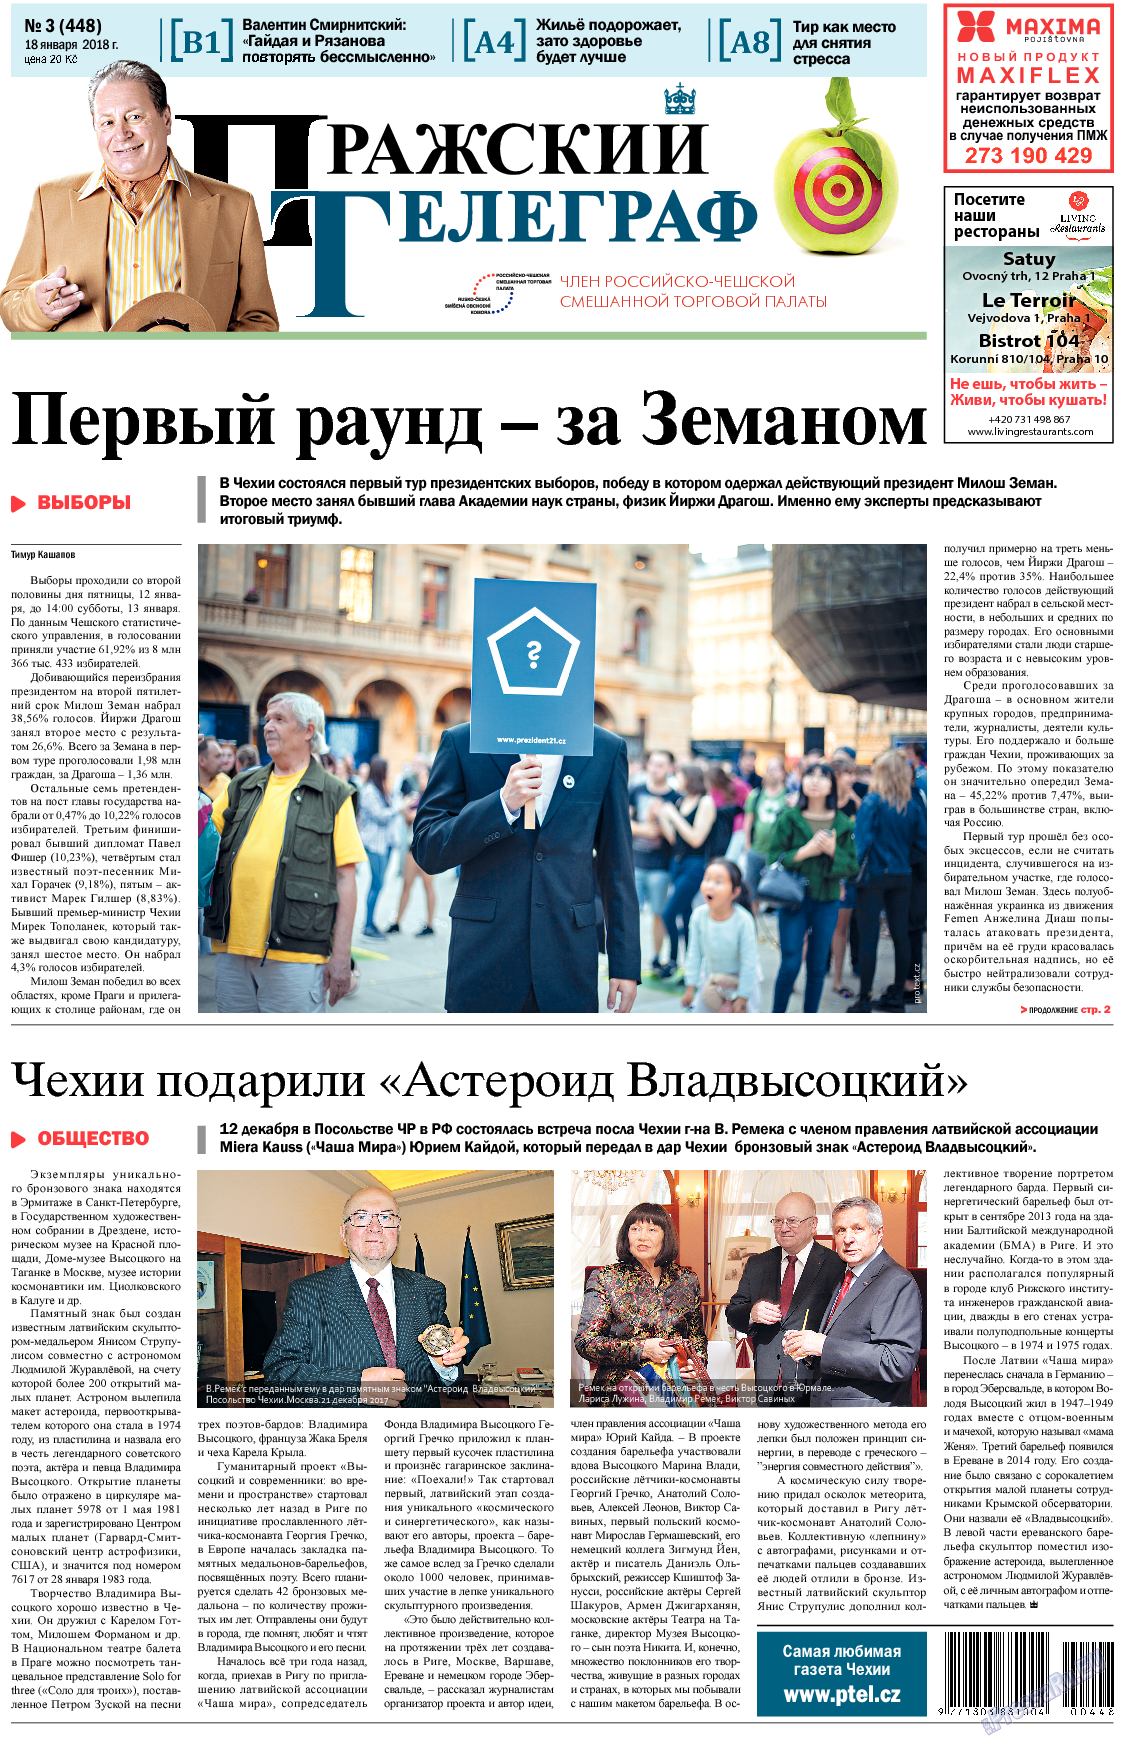 Пражский телеграф (газета). 2018 год, номер 3, стр. 1